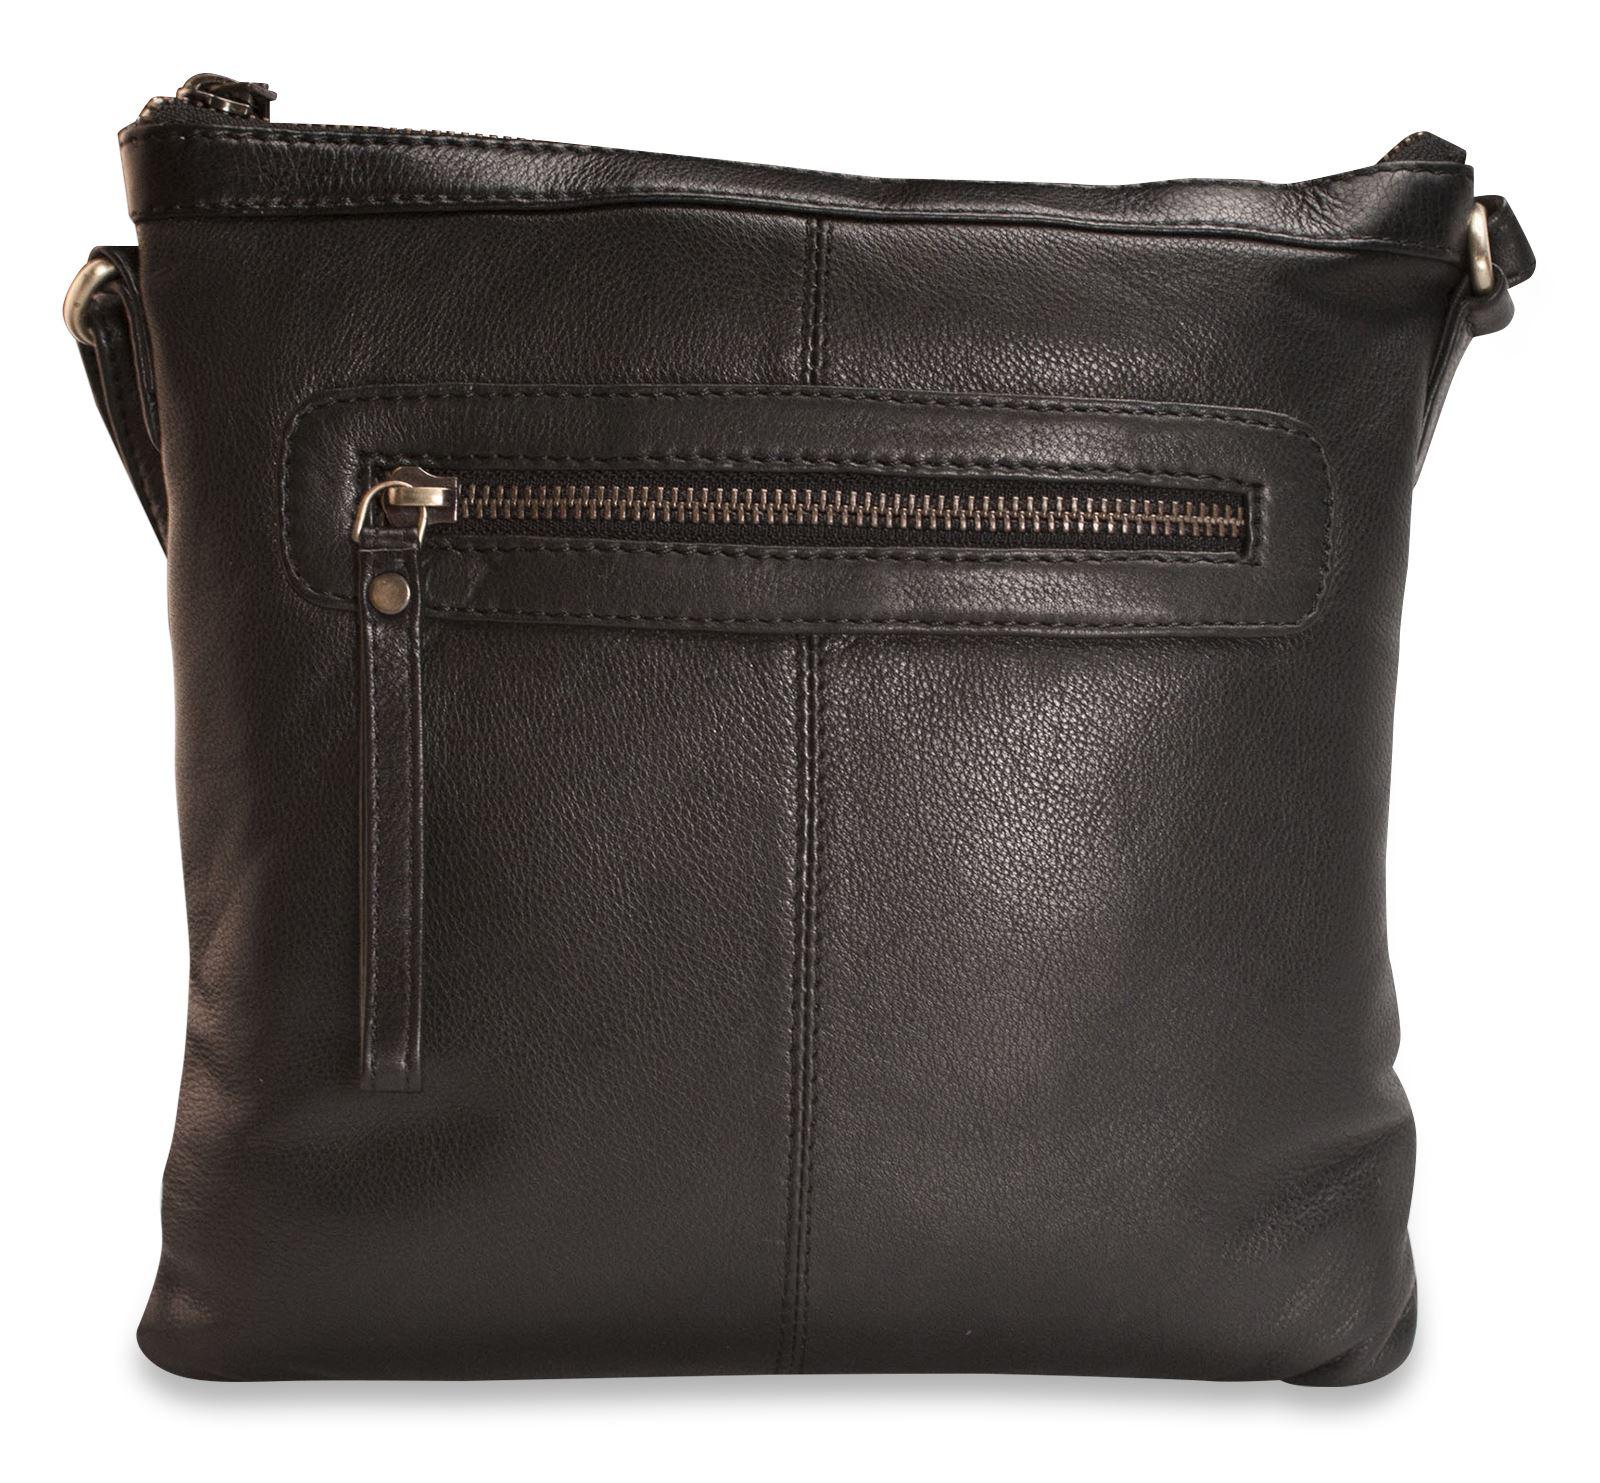 Brunhide Womens Real Leather Bag Ladies Shoulder Handbag 120-300